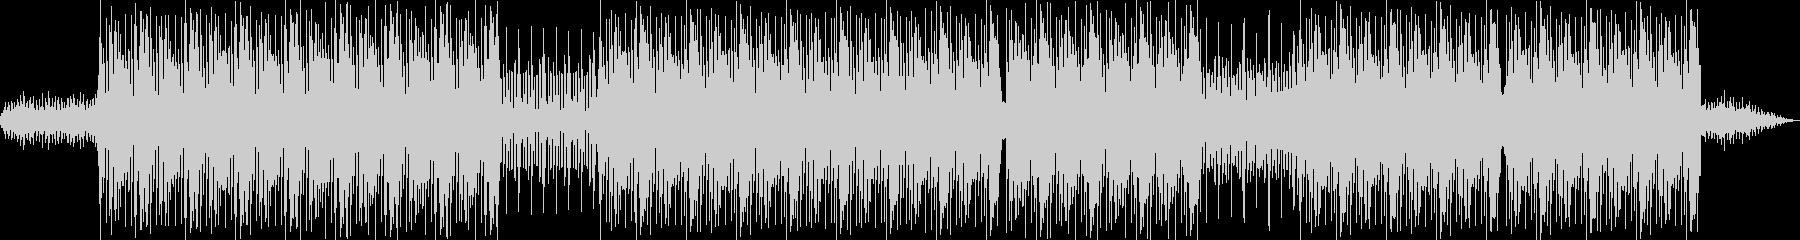 洋楽 ダークUS TRAP HIPHOPの未再生の波形